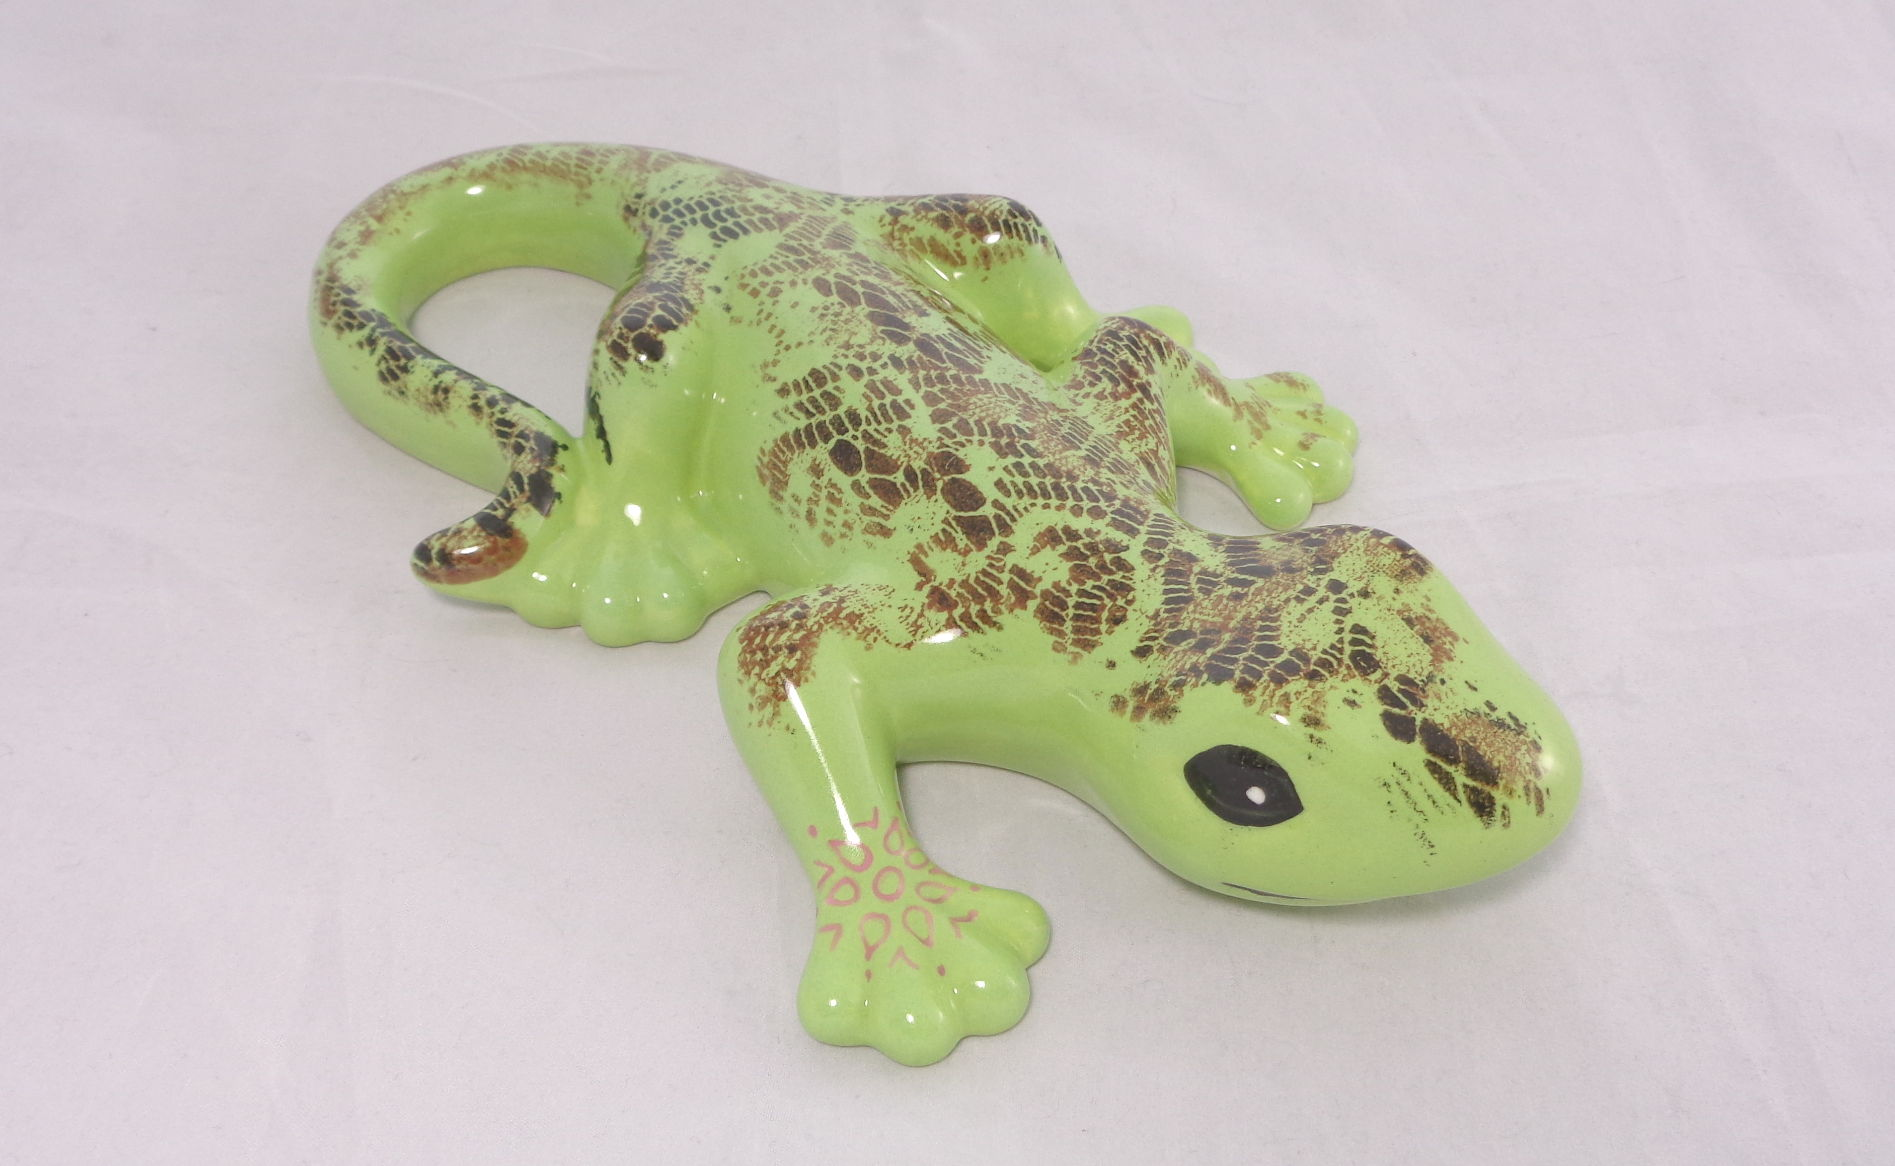 Bemalte Keramik Reptil-Print Gekko